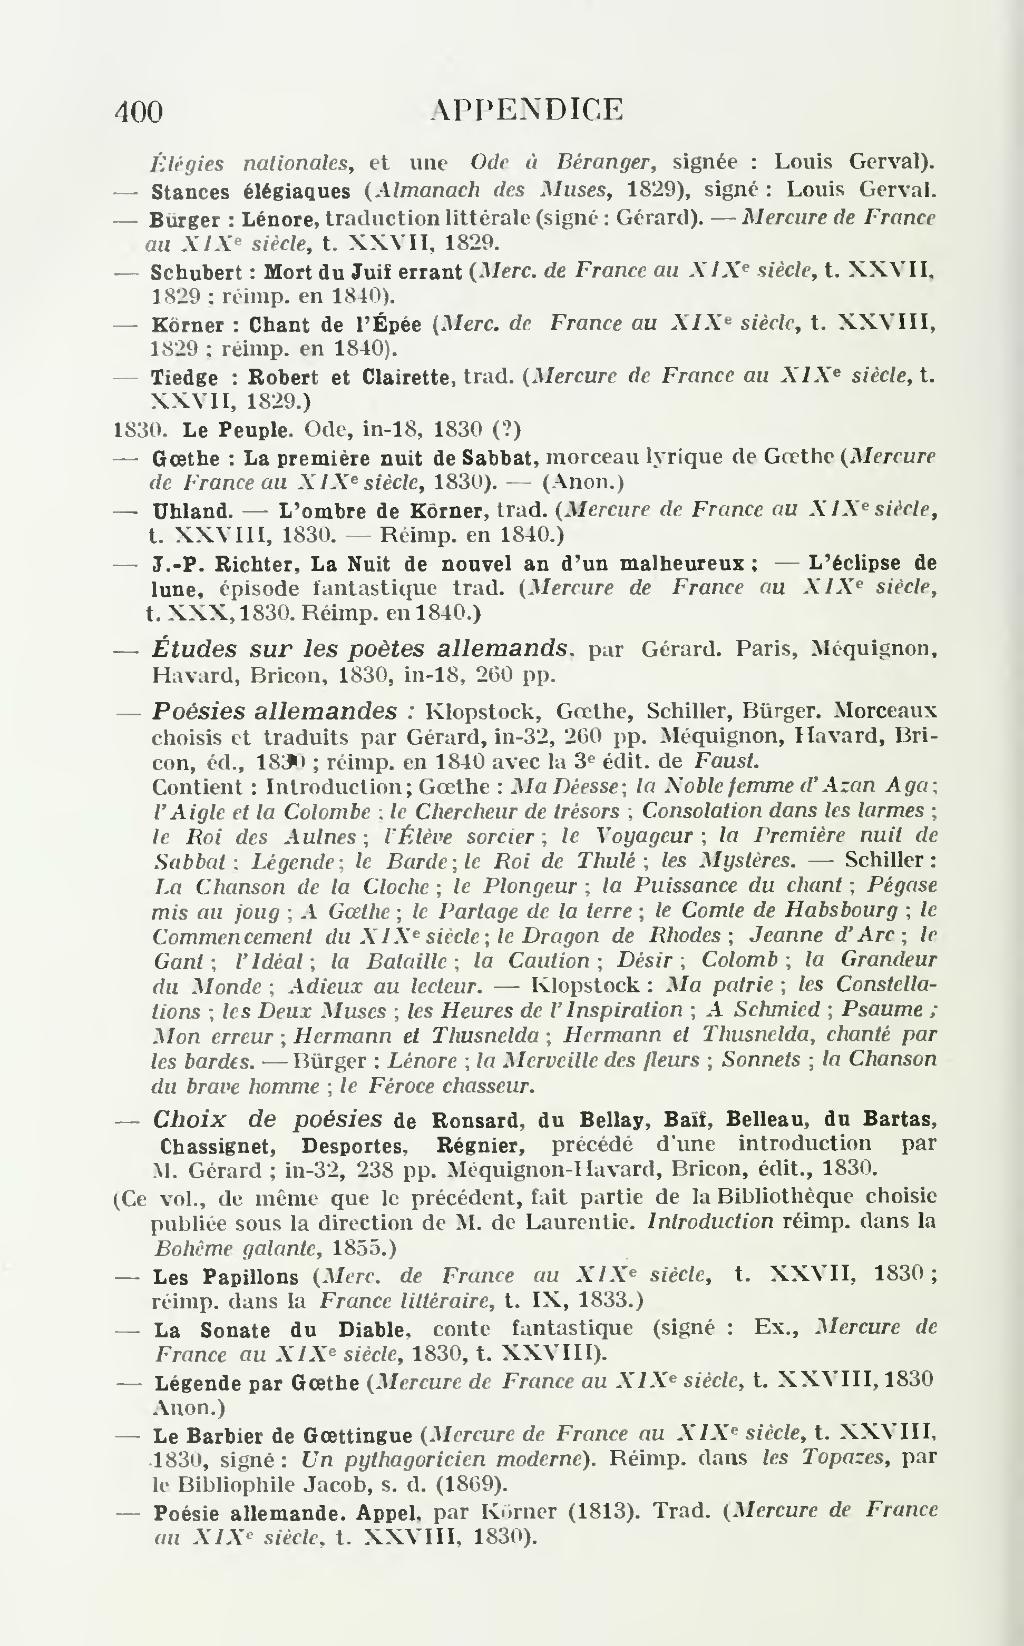 lenore et autres poesies allemandes